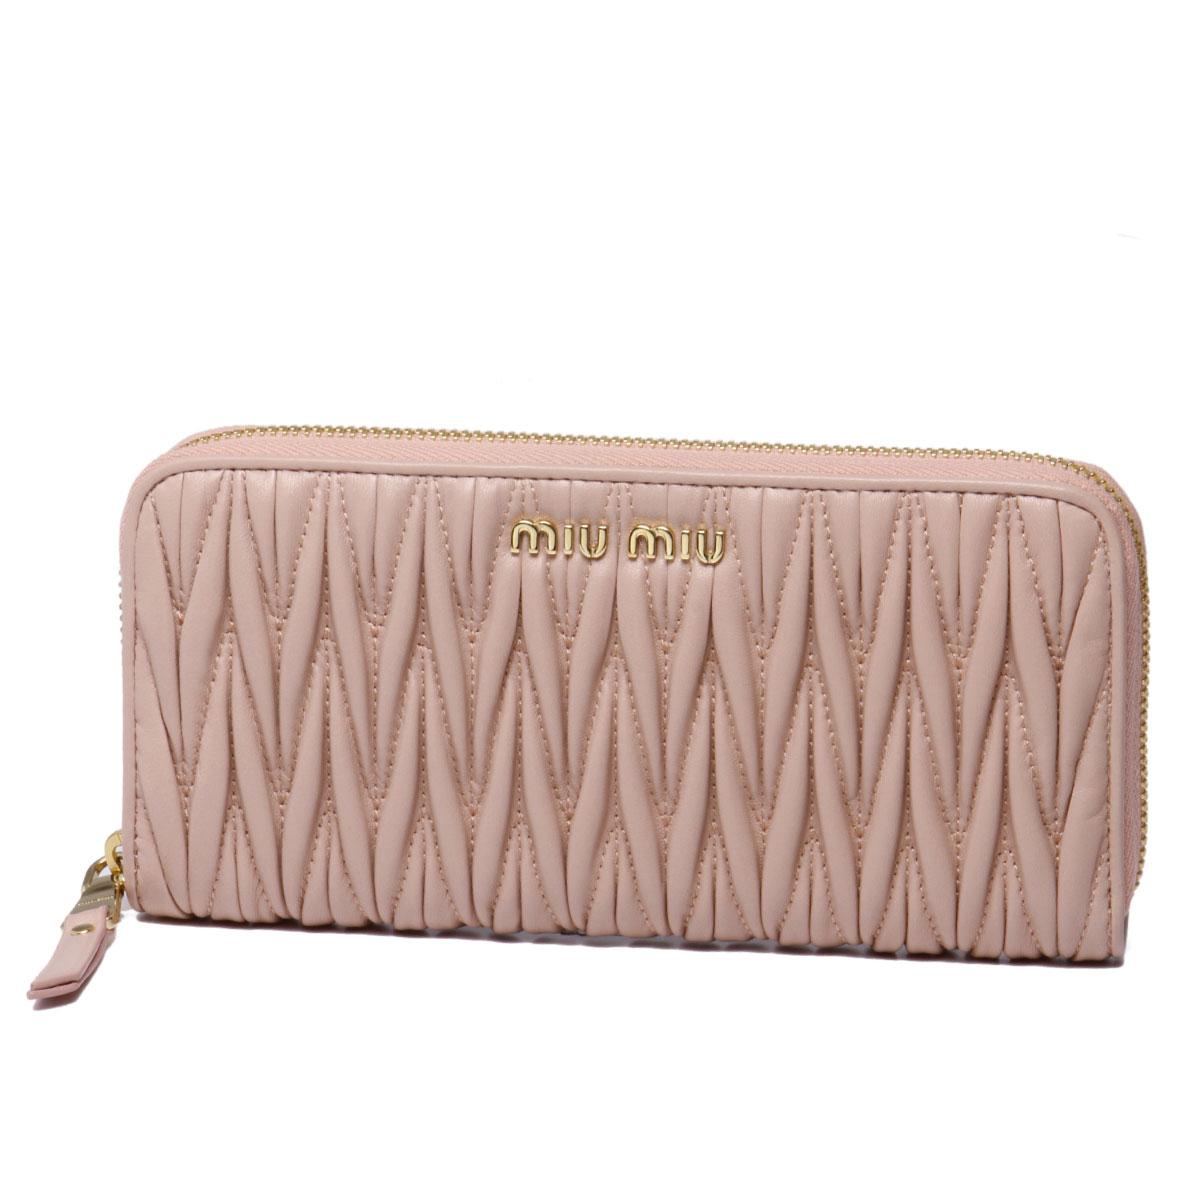 ミュウ ミュウ MIU MIU 財布 レディース 5ML506 N88 F0615 ラウンドファスナー長財布 MATELASSE ORCHIDEA ピンク